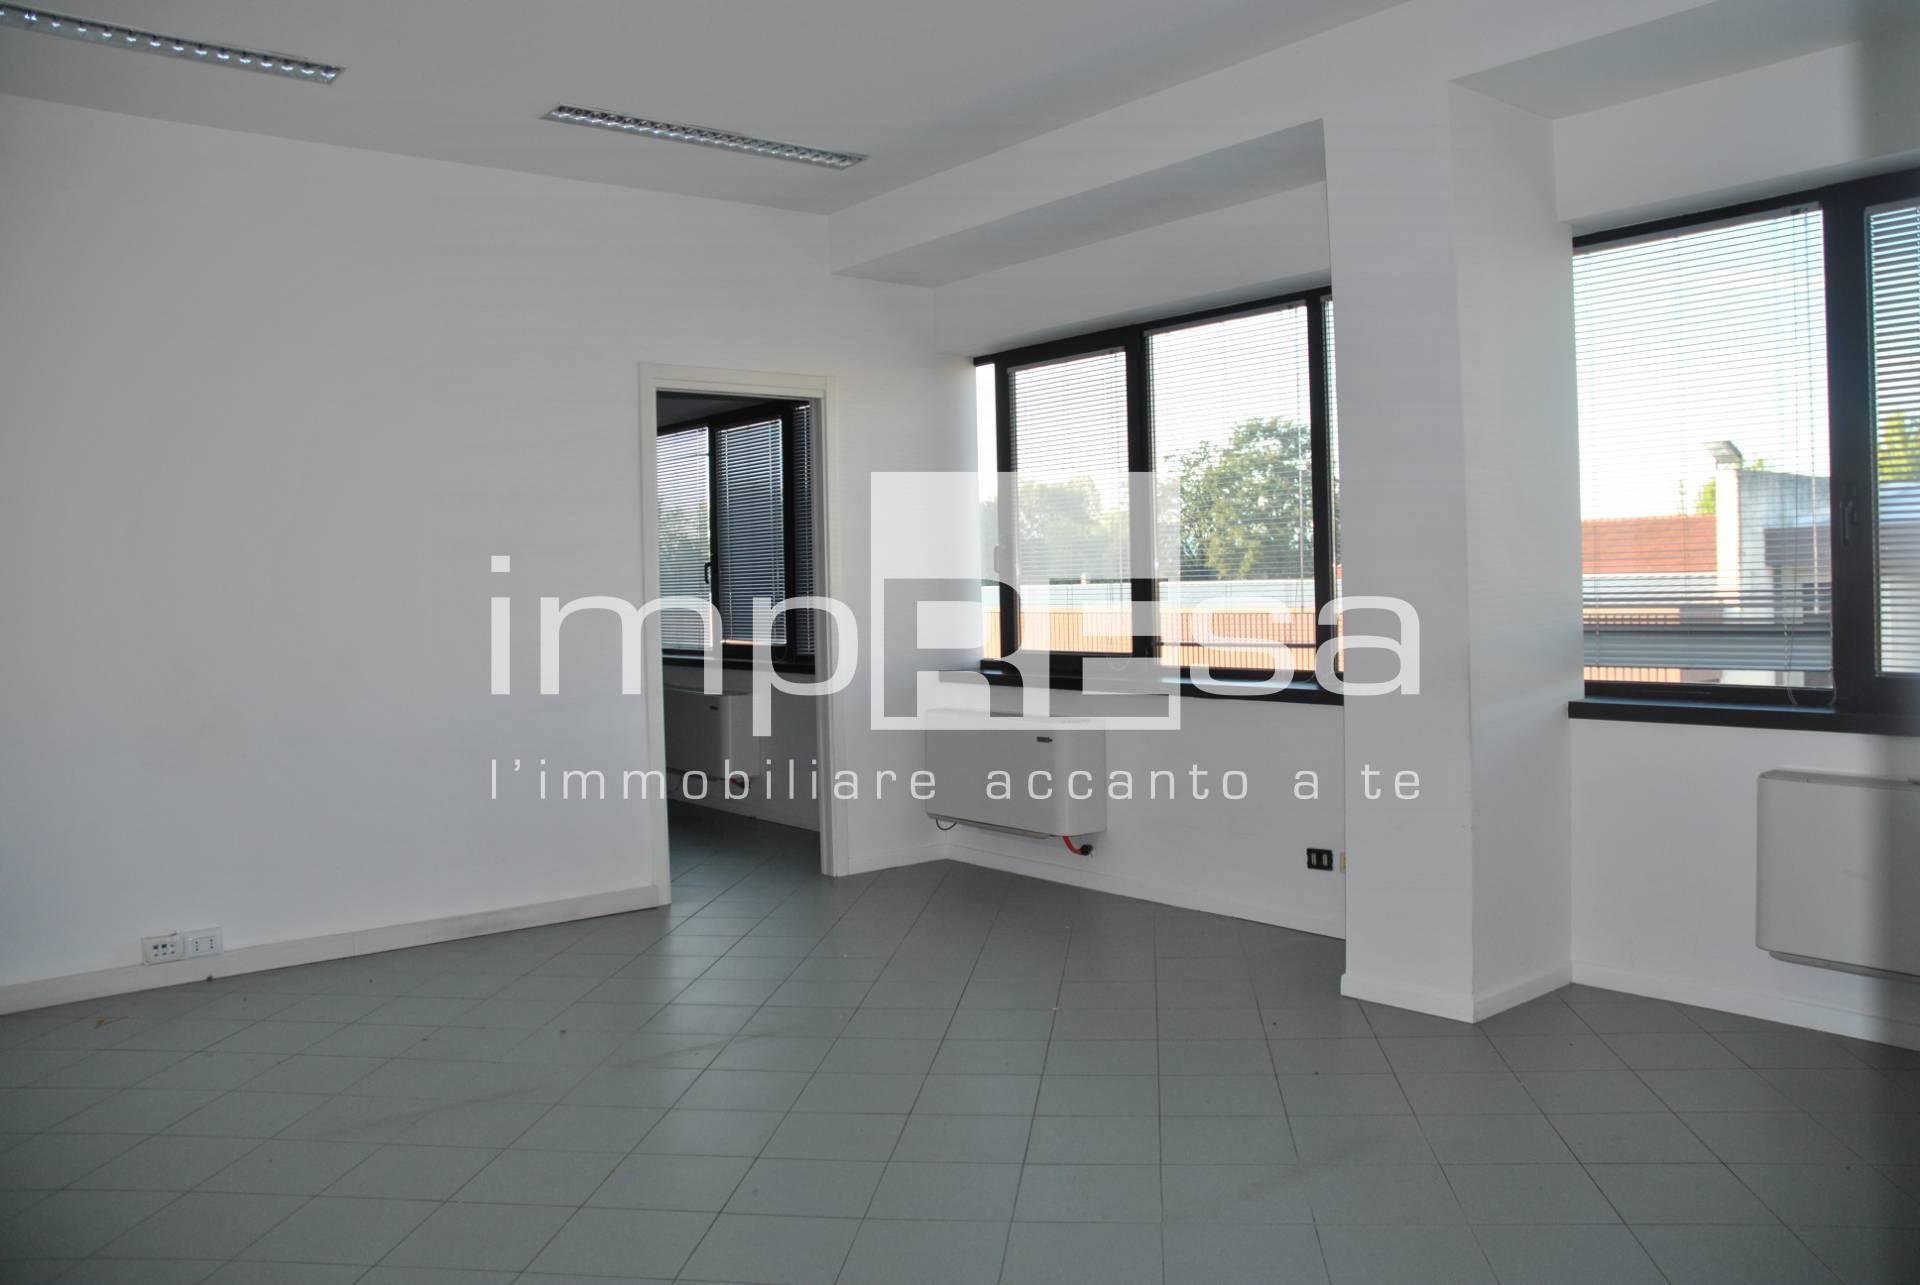 Ufficio / Studio in affitto a Preganziol, 9999 locali, zona Località: LeGrazie, prezzo € 2.200 | CambioCasa.it